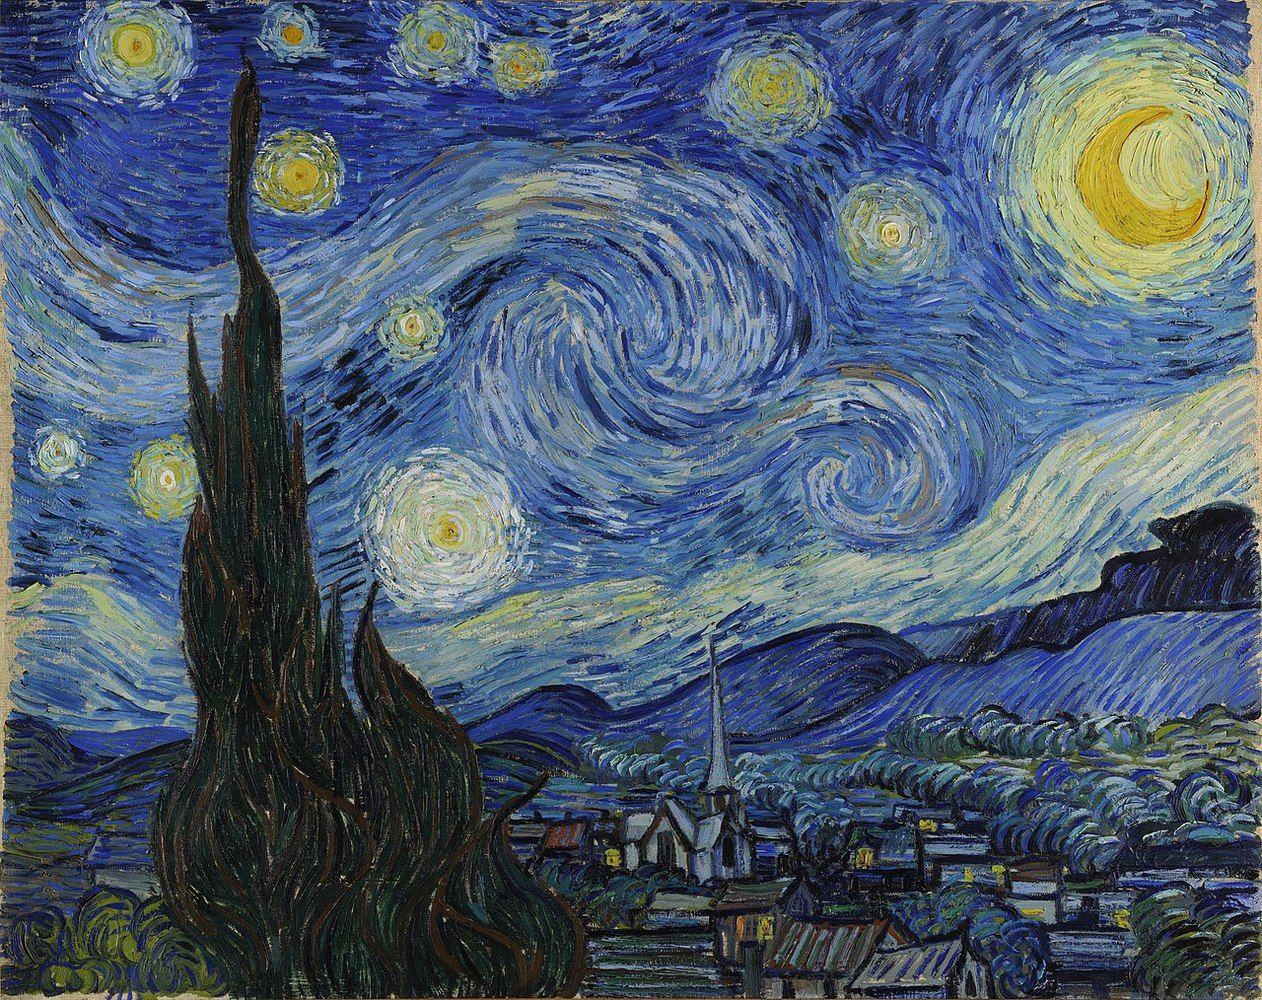 Londone – Vincento van Gogho darbų paroda